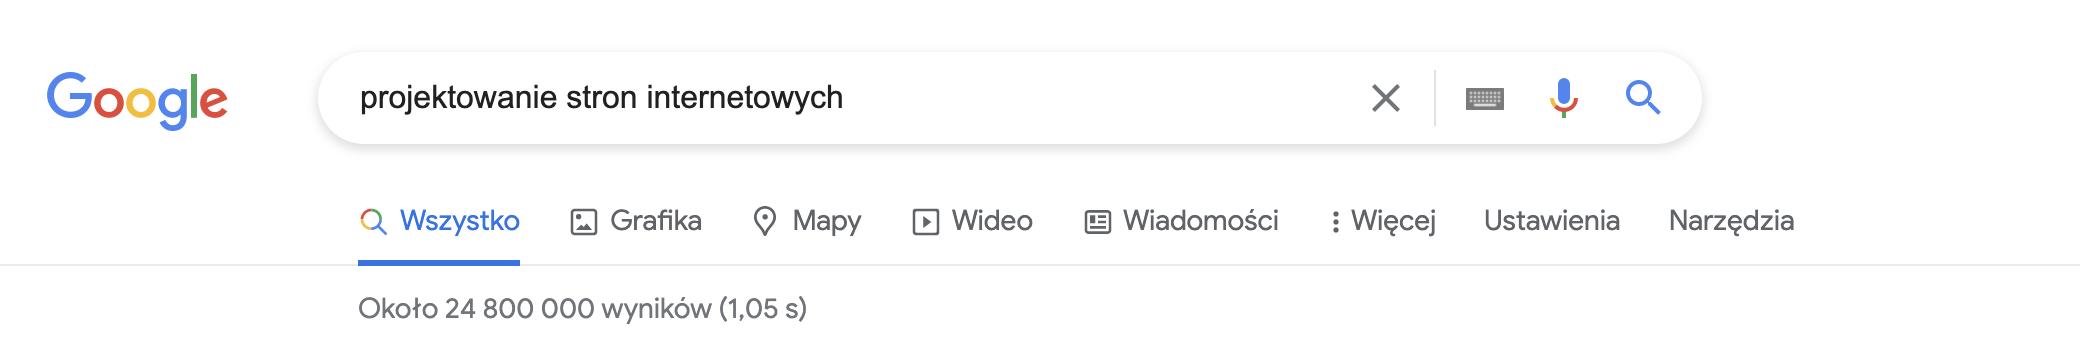 """screenshot z wynikiem wyszukiwania w Google """"projektowanie stron interentowych�"""